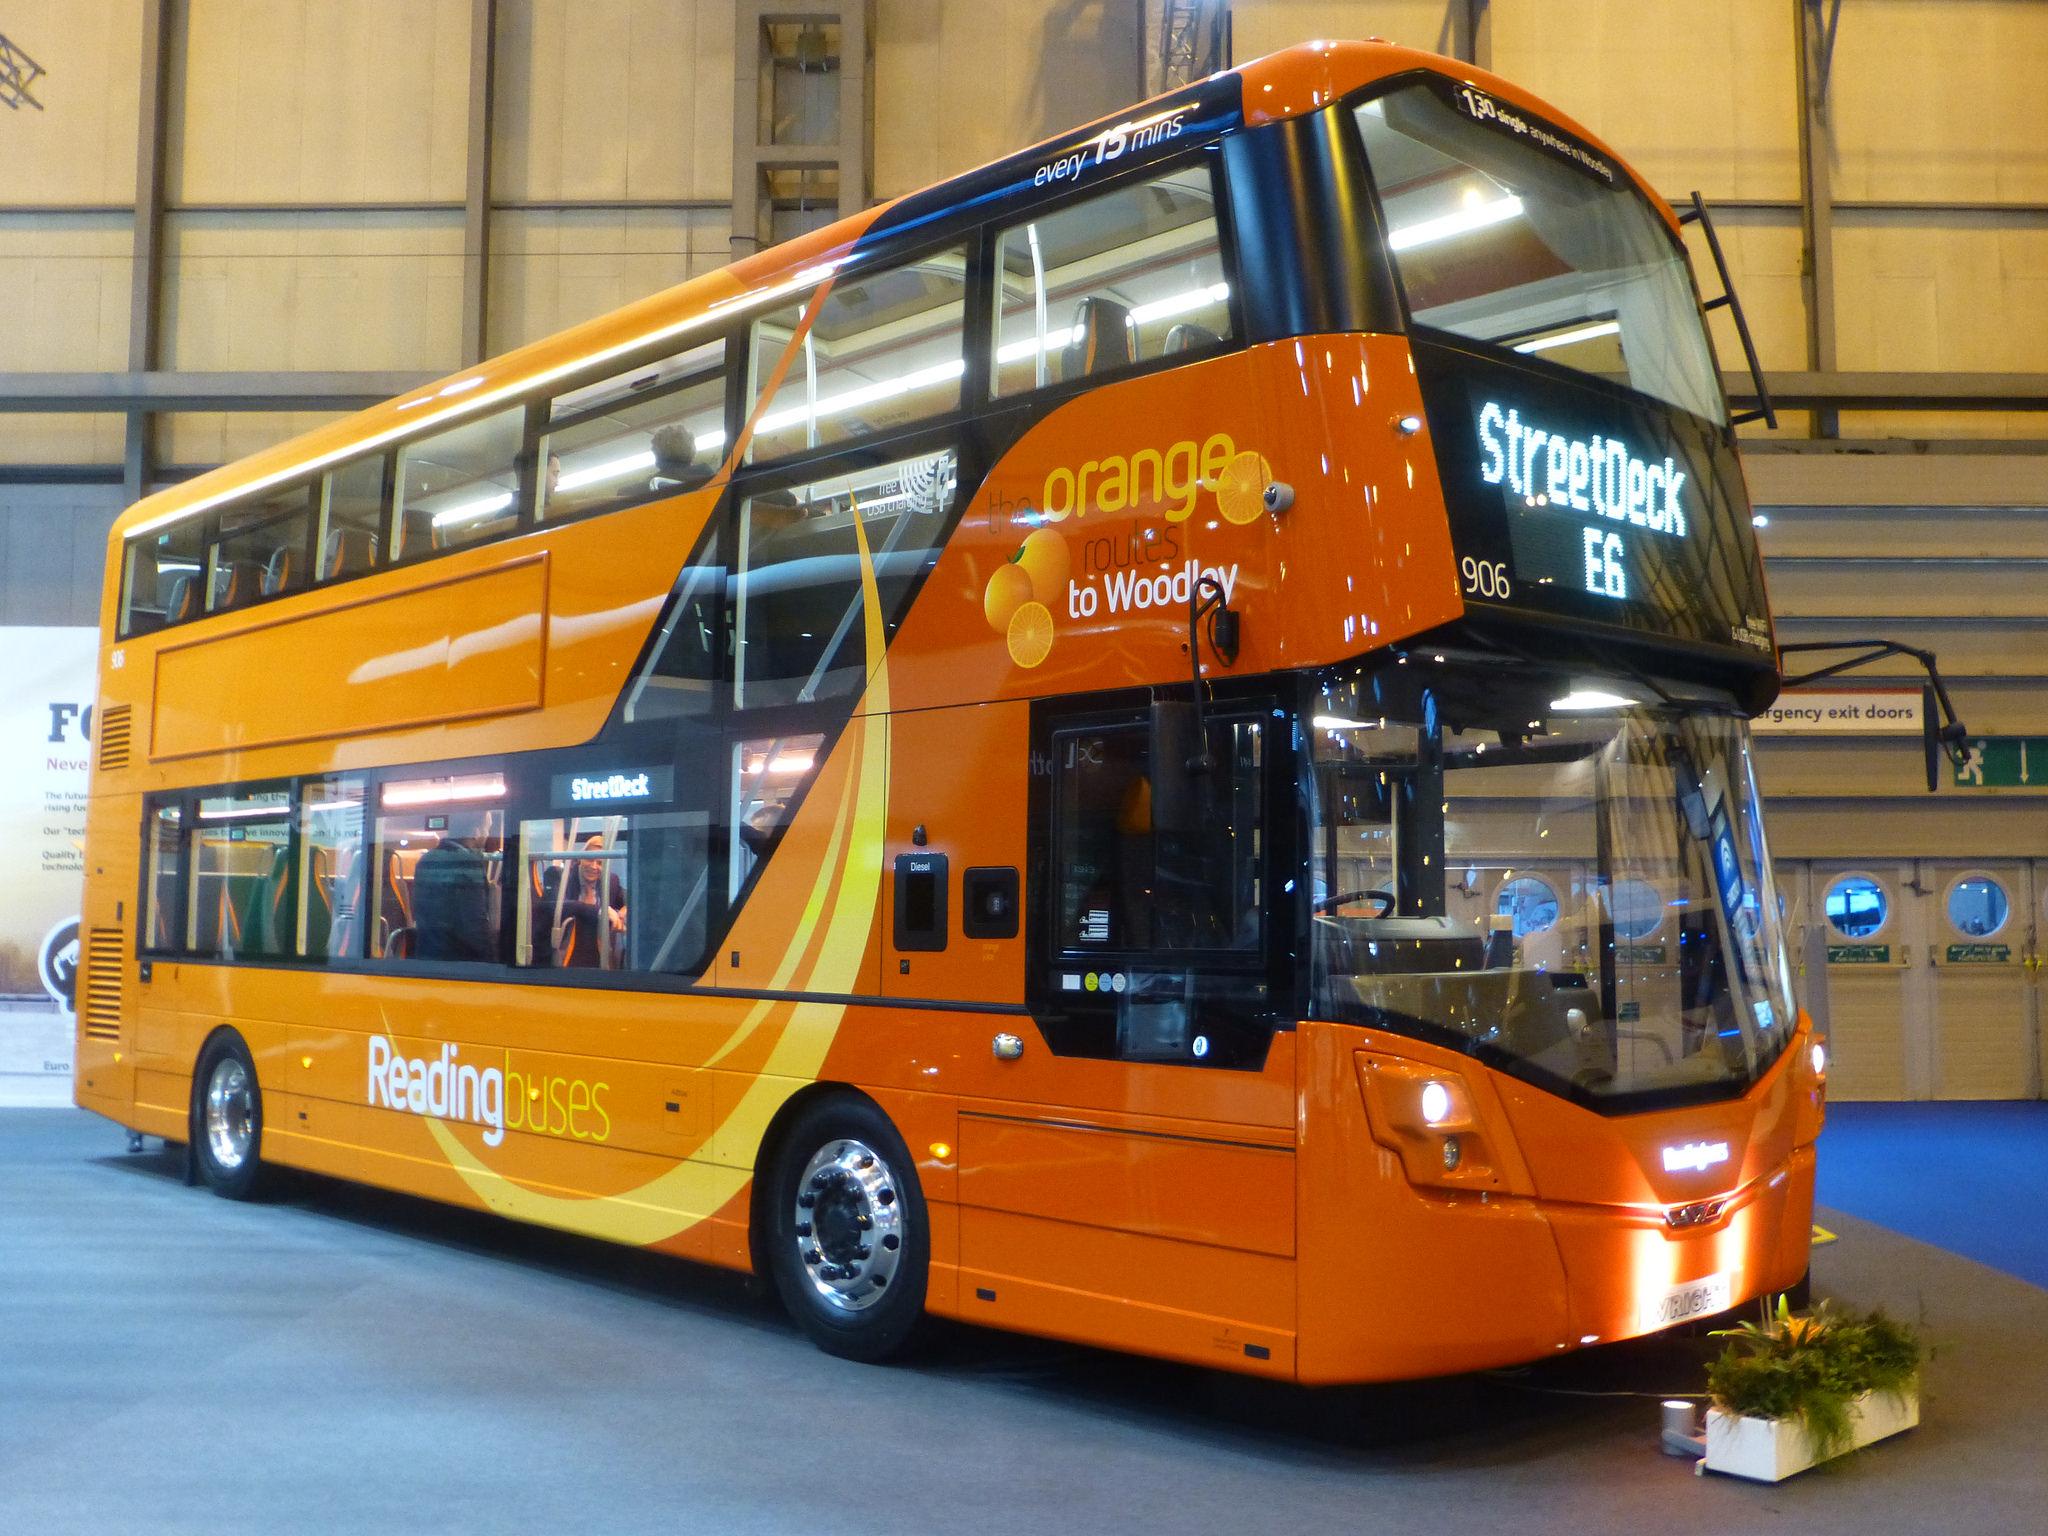 #AYearOfBuses 13: the Orange routes Reading – Woodley